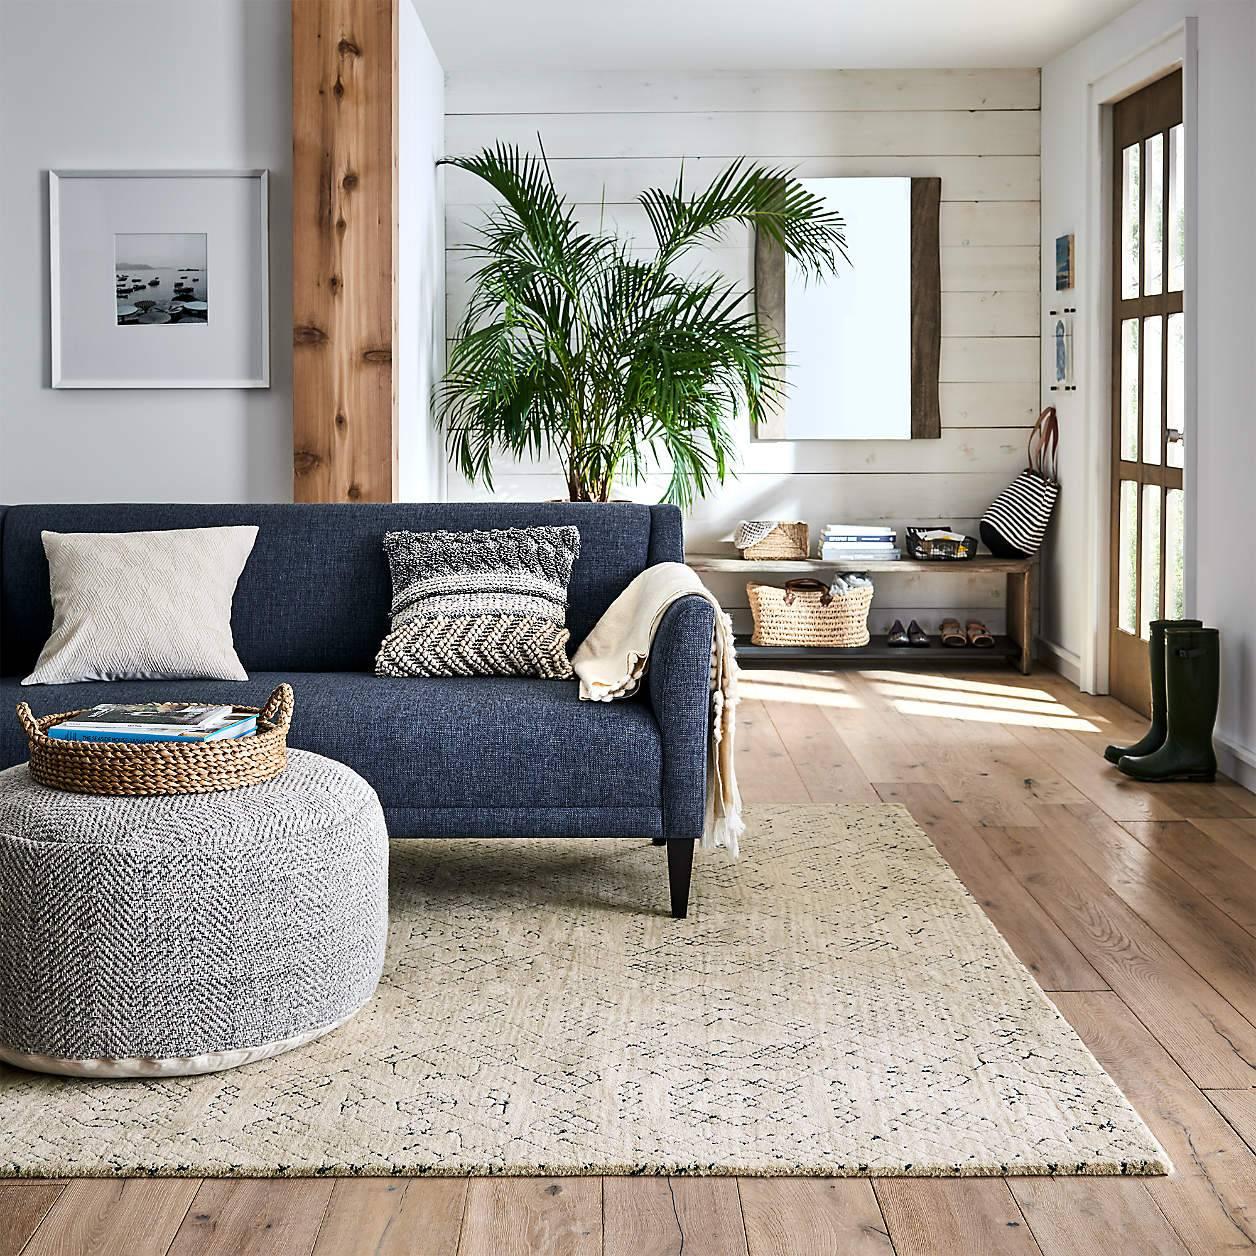 Large ottoman coffee table pouf grey knit